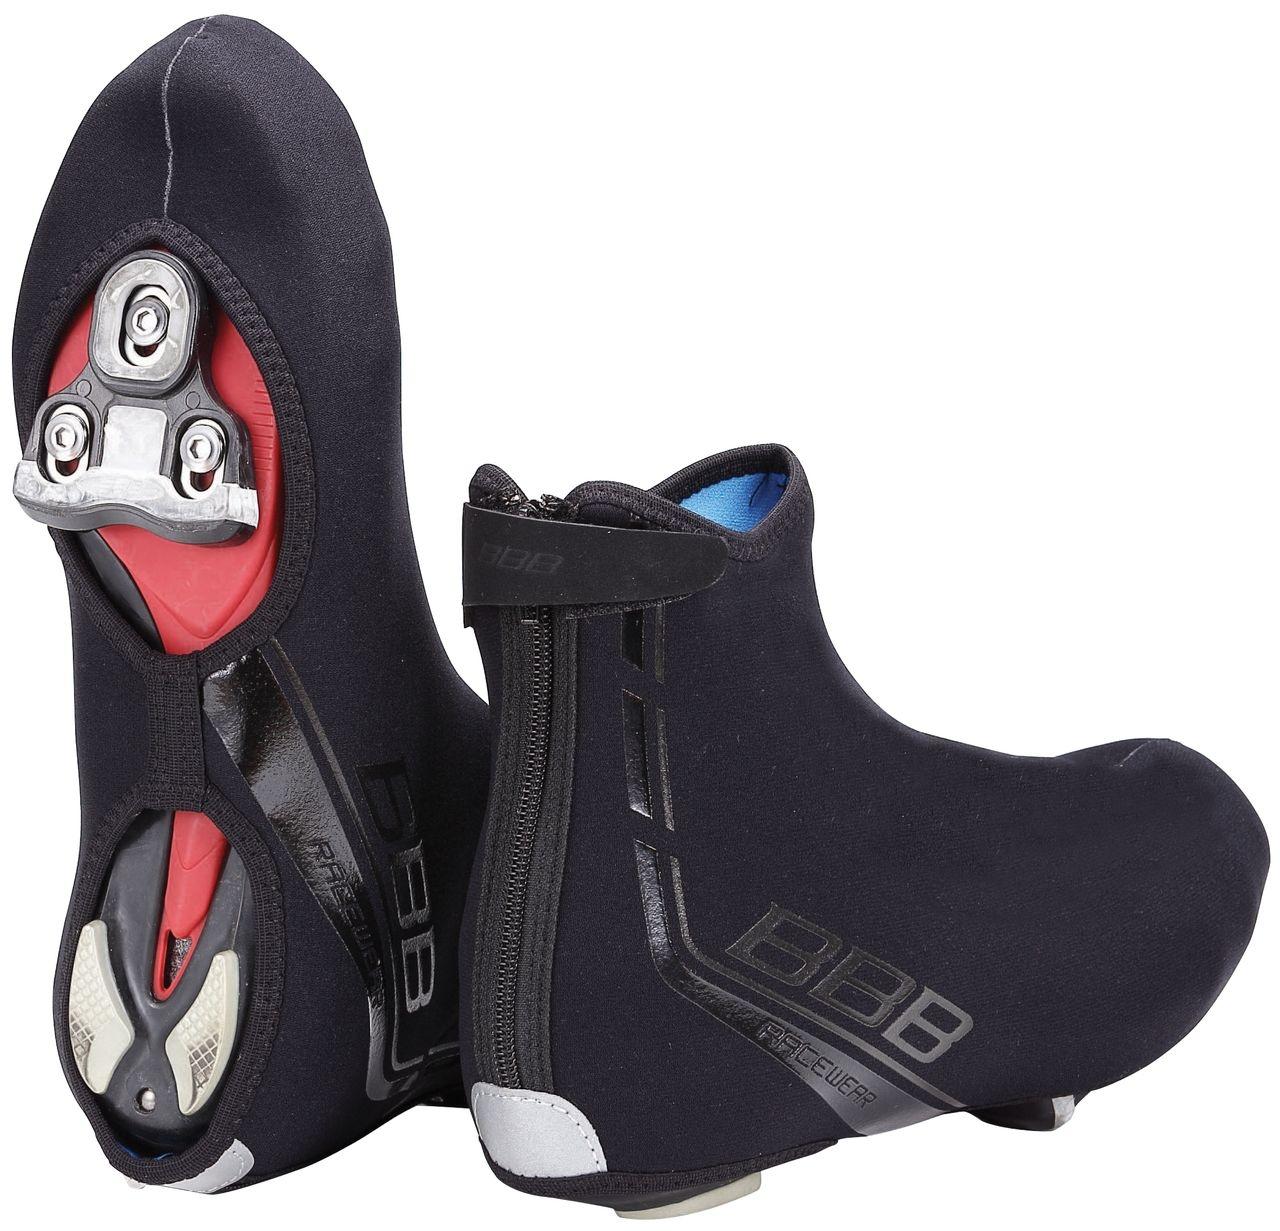 Couvre-chaussures BBB Racewear Noir - BWS-17 - 41/42